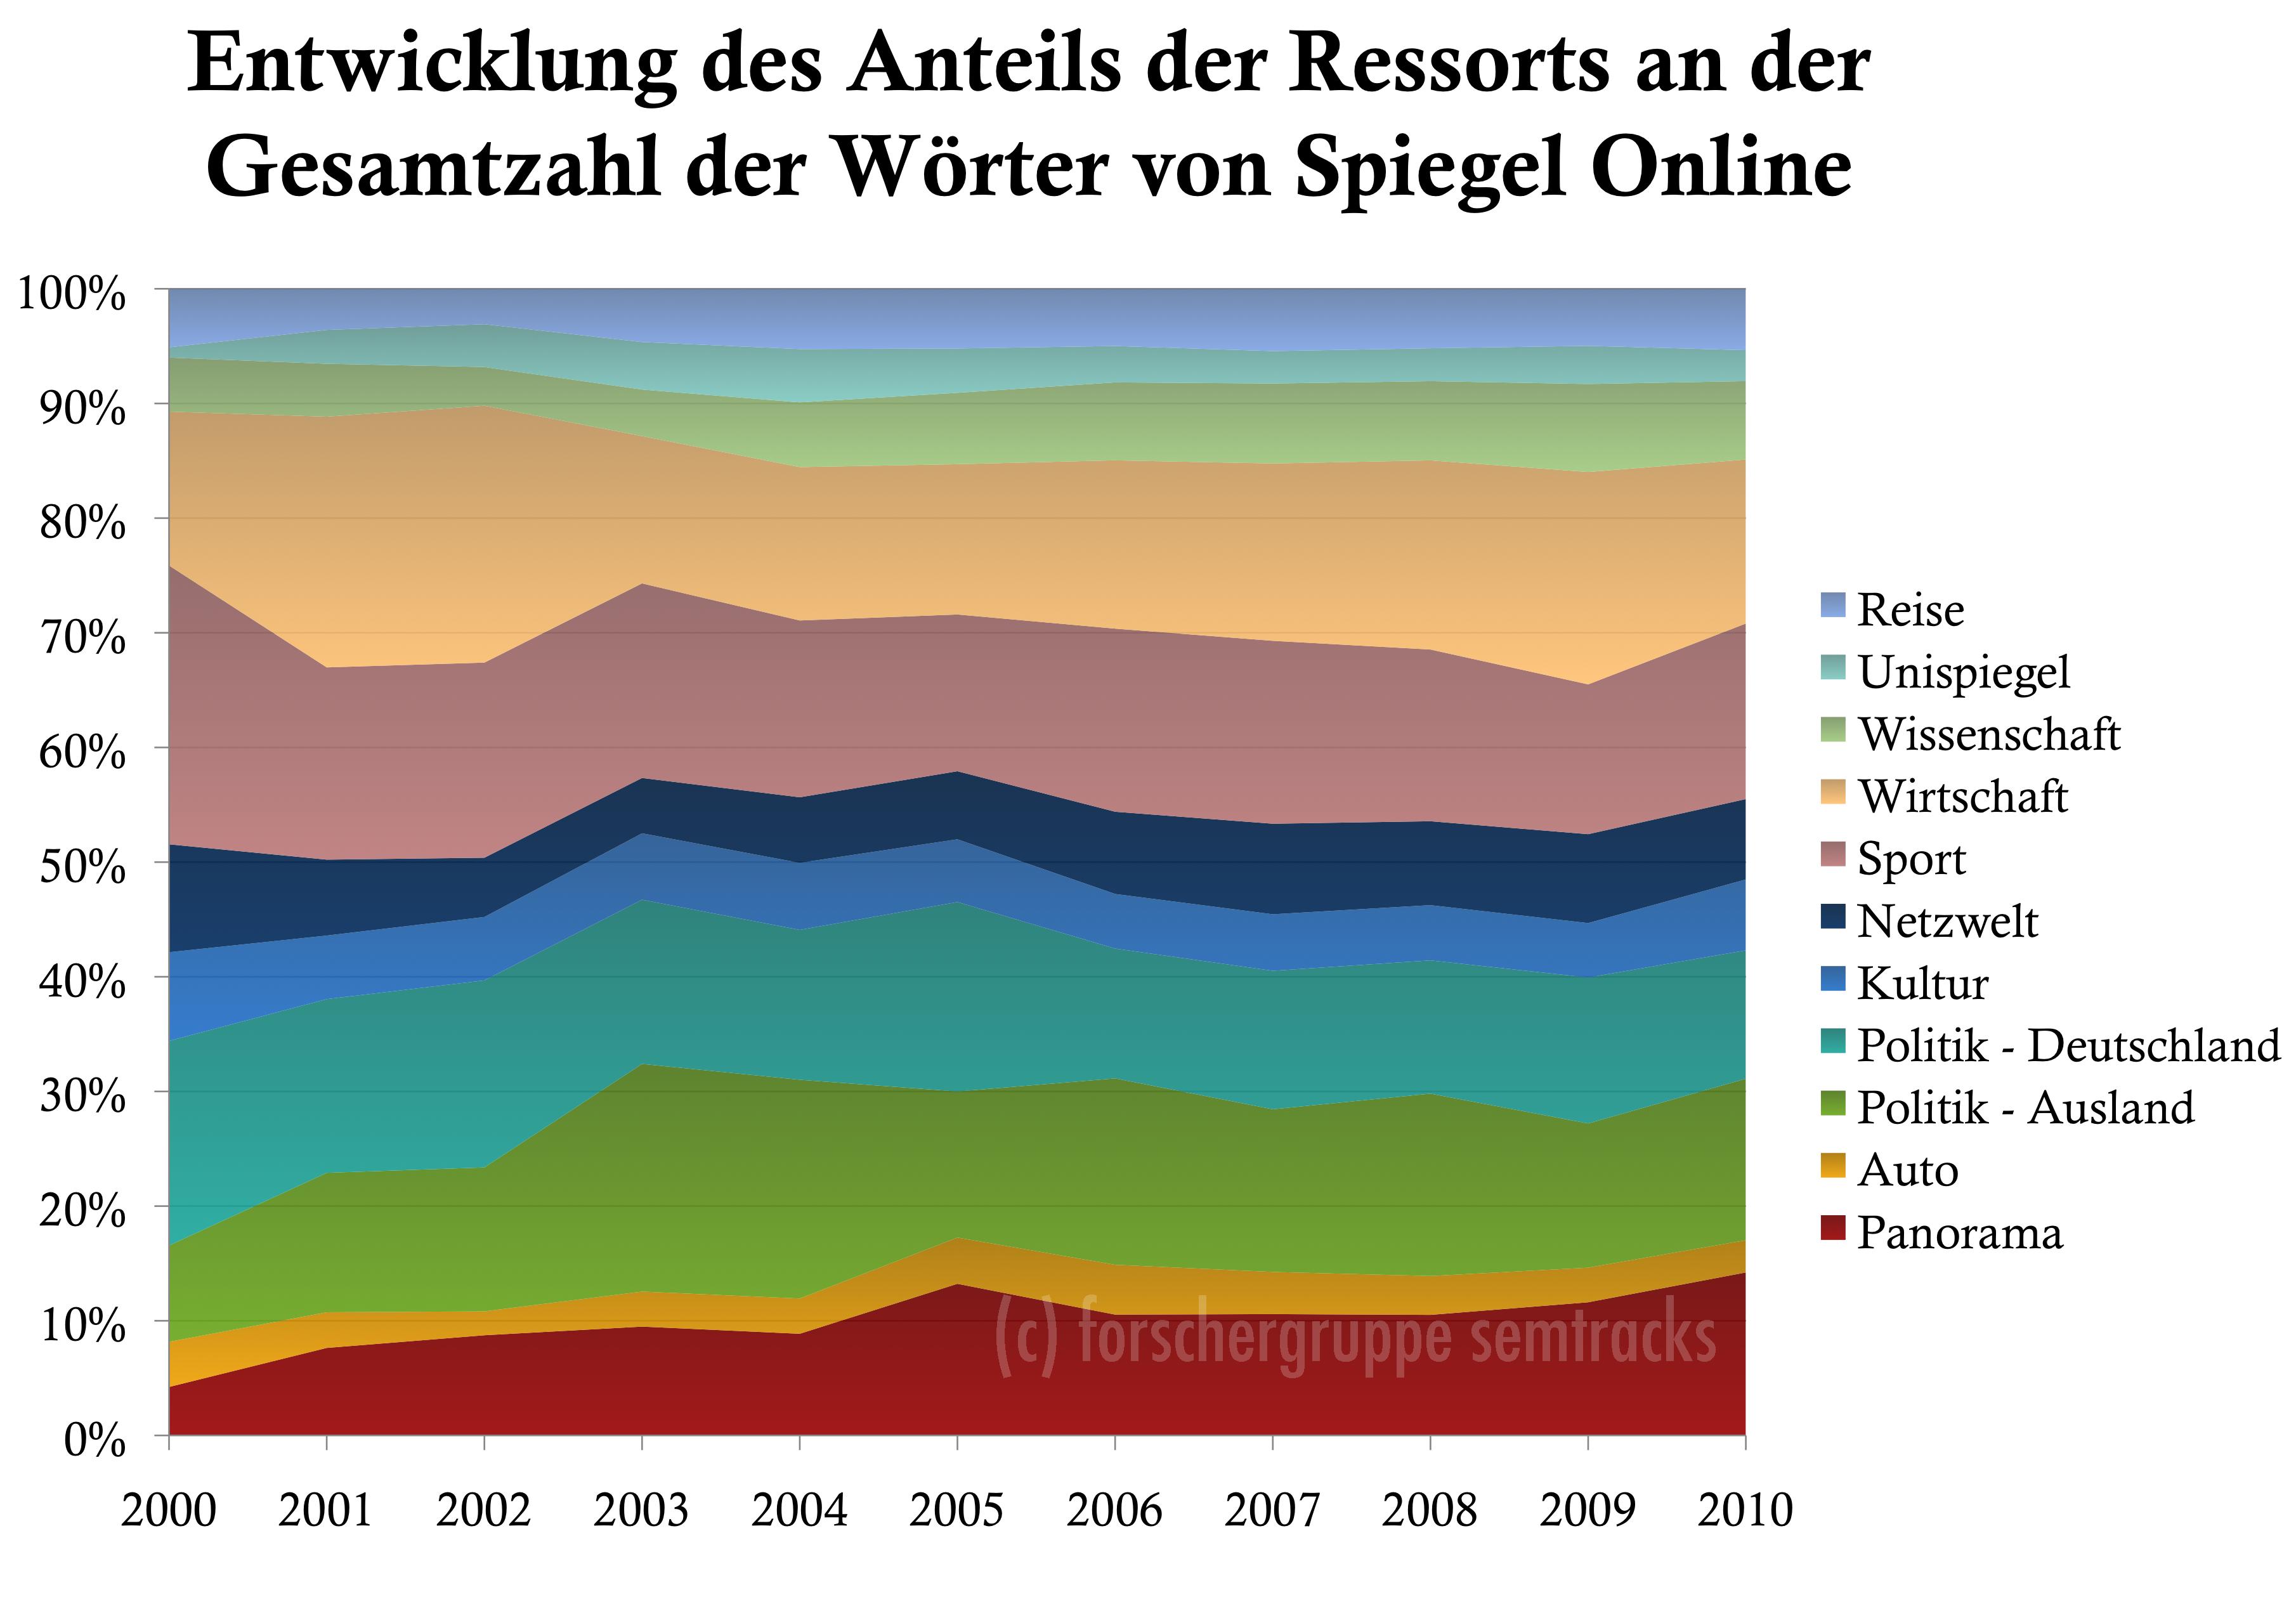 Spiegel Online: Entwicklung der Anzahl Wörter je Ressorts an der Gesamtwortzahl